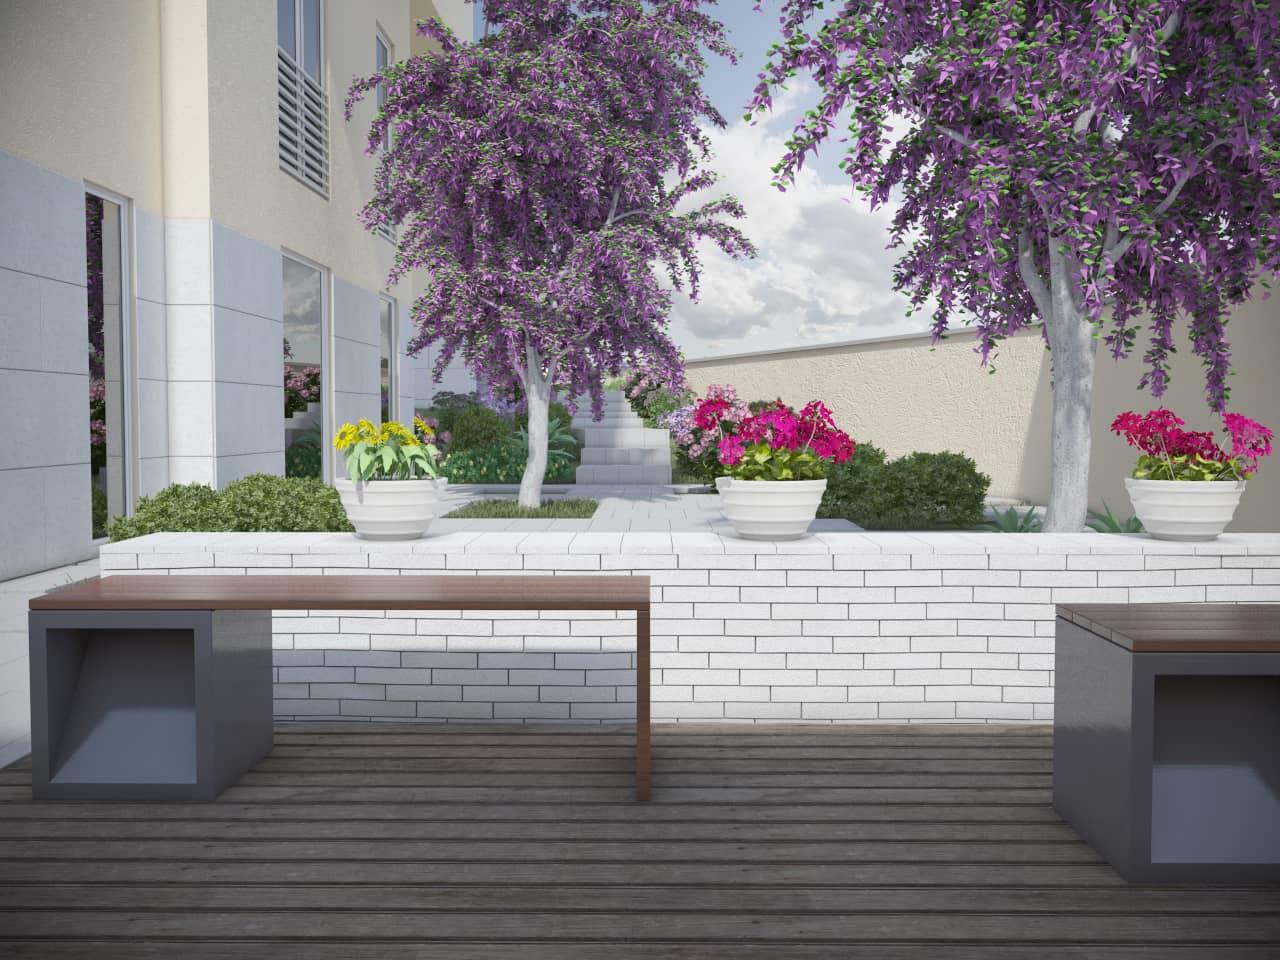 stefanomimmocchirendering lavori render esterni listino prezzi Render giardino condominiale per Studio Forniti